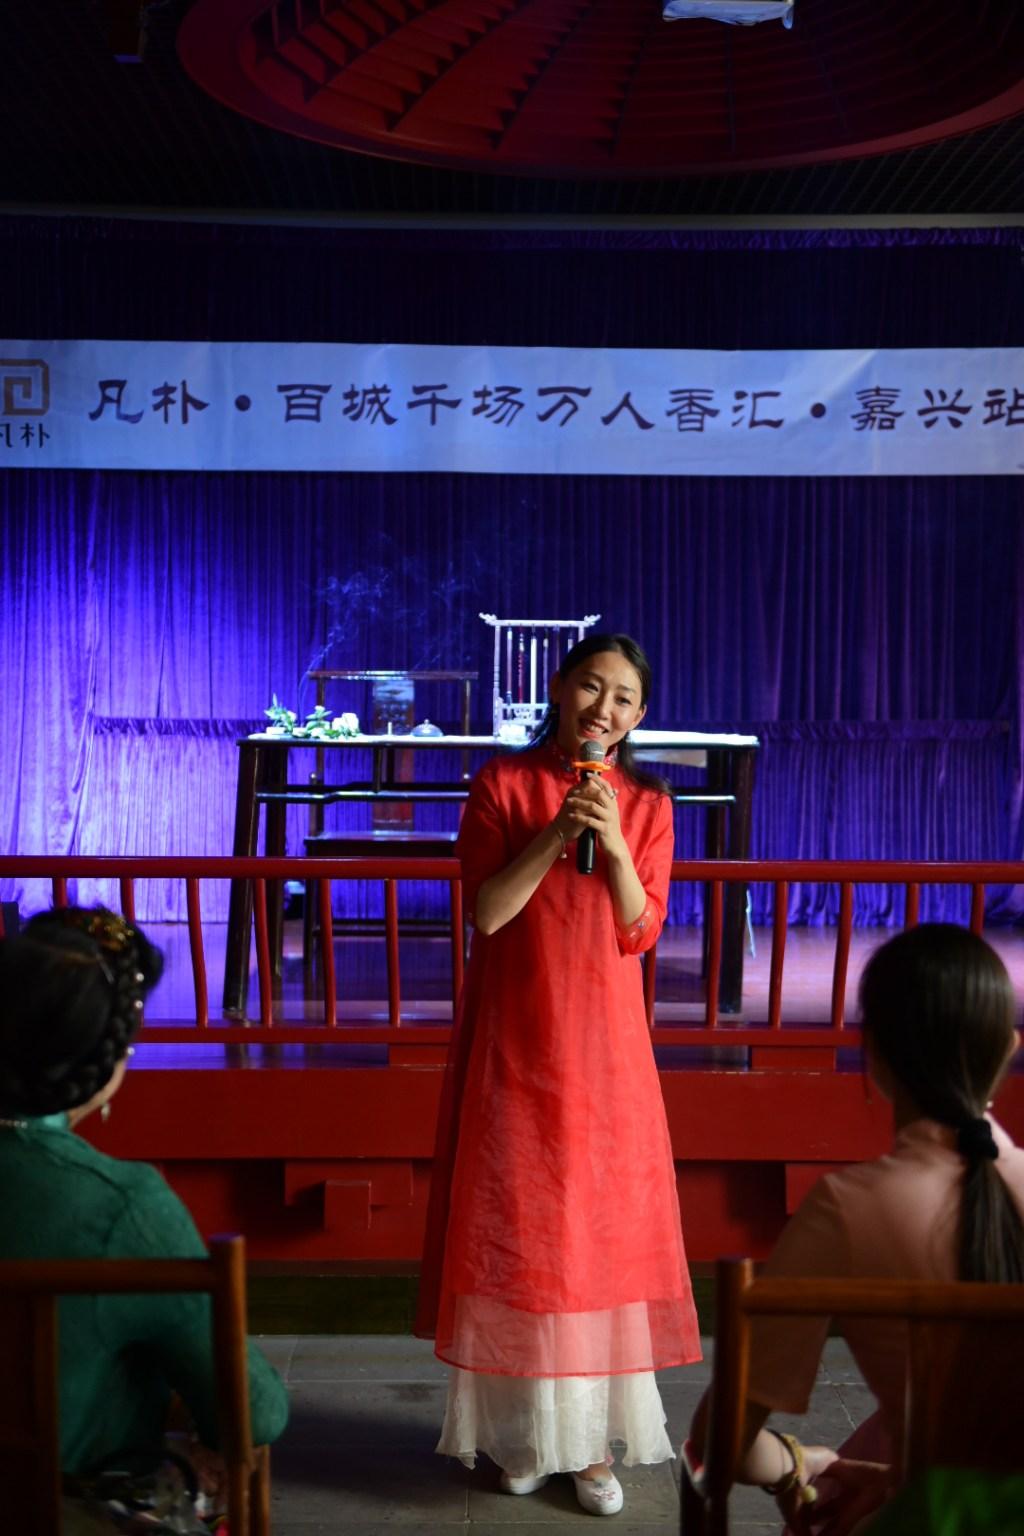 静和坊传统文化传播中心校长:赵琳琳